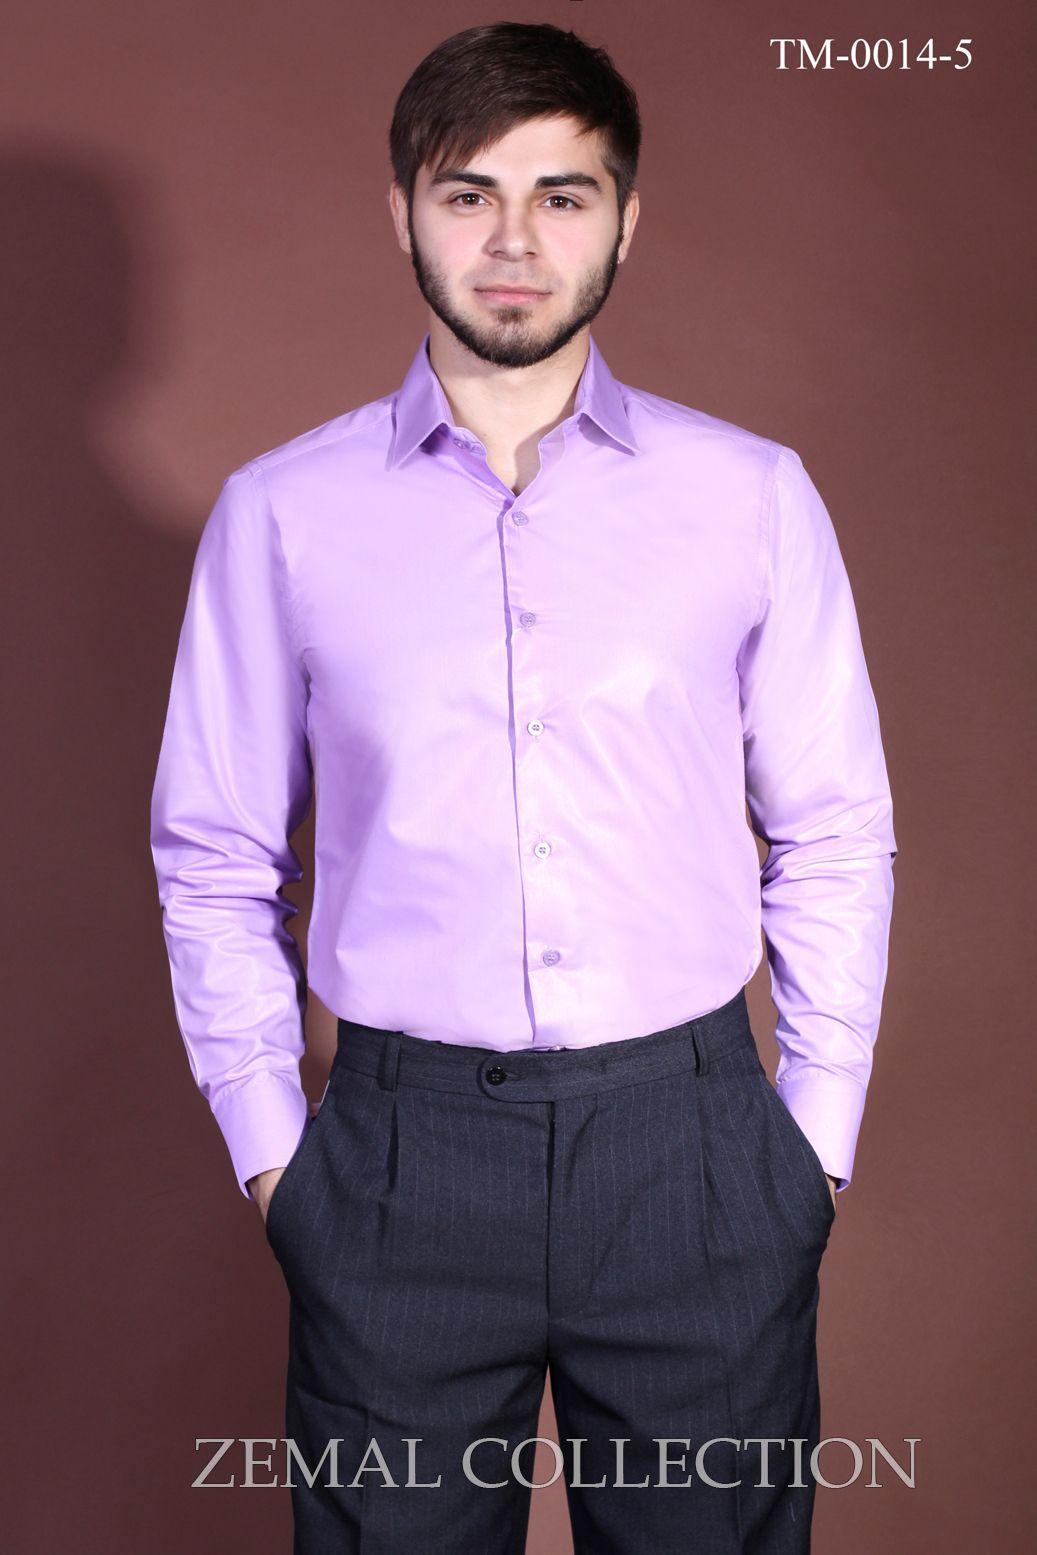 Сорочка tm-0014 купить на сайте производителя